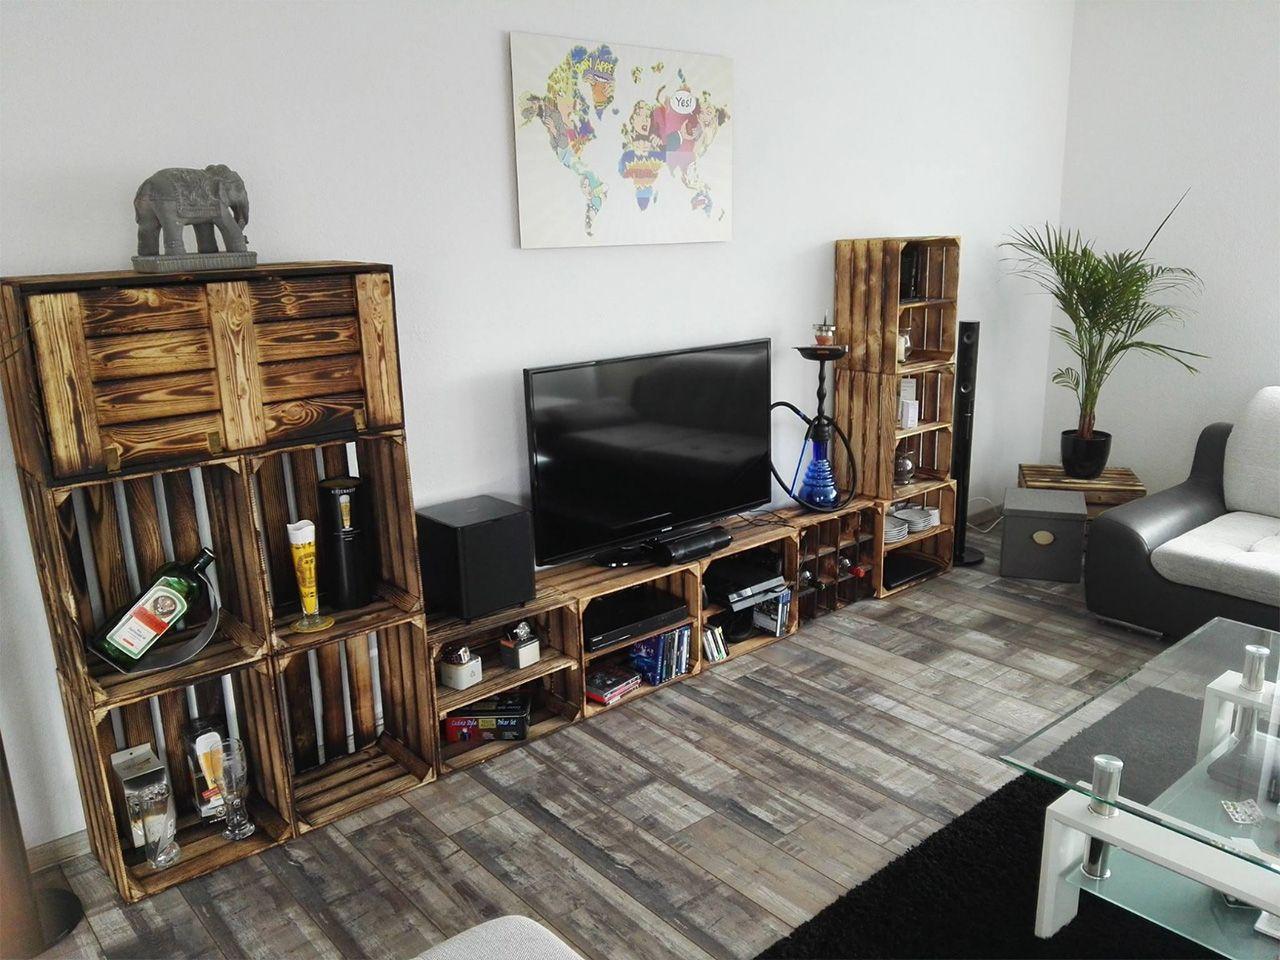 Wohnwand aus geflammten Kisten + Minibar  Obstkisten möbel, Diy